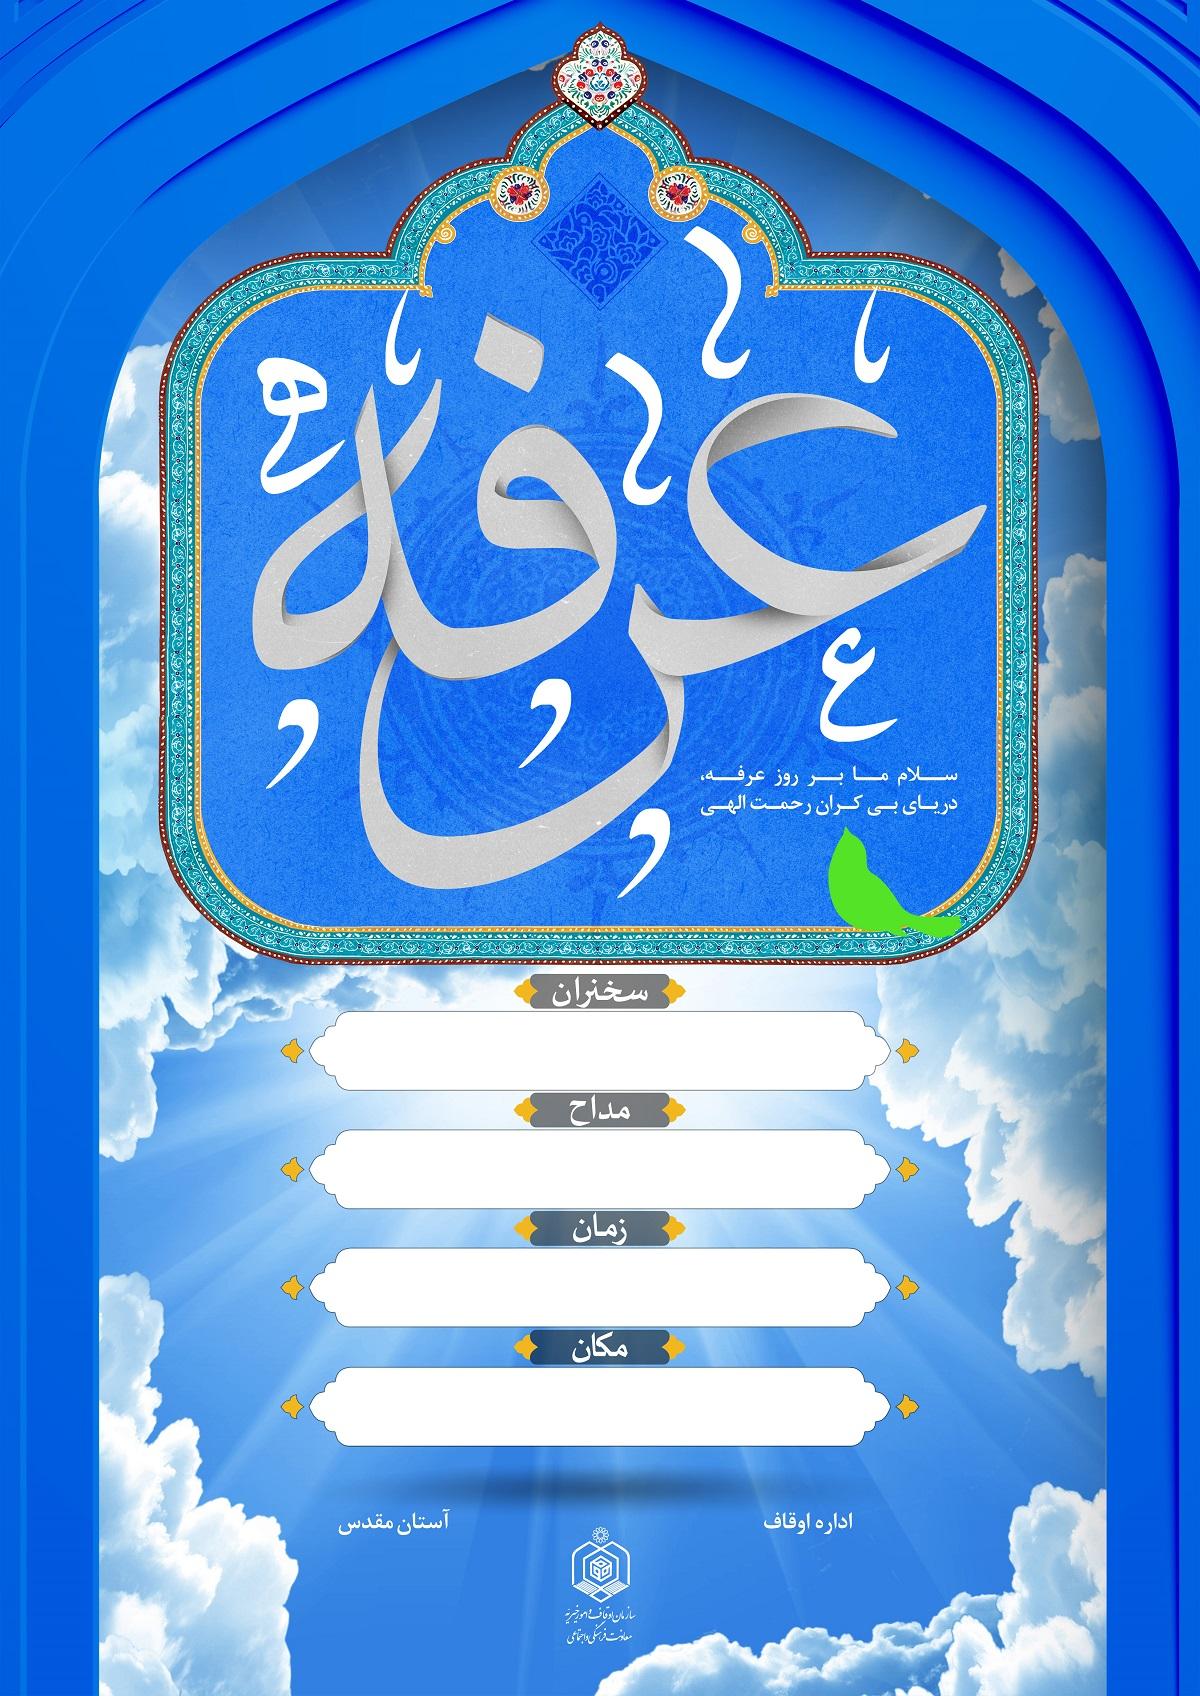 بنر اطلاع رسانی روز عرفه فایل لایه باز(psd):